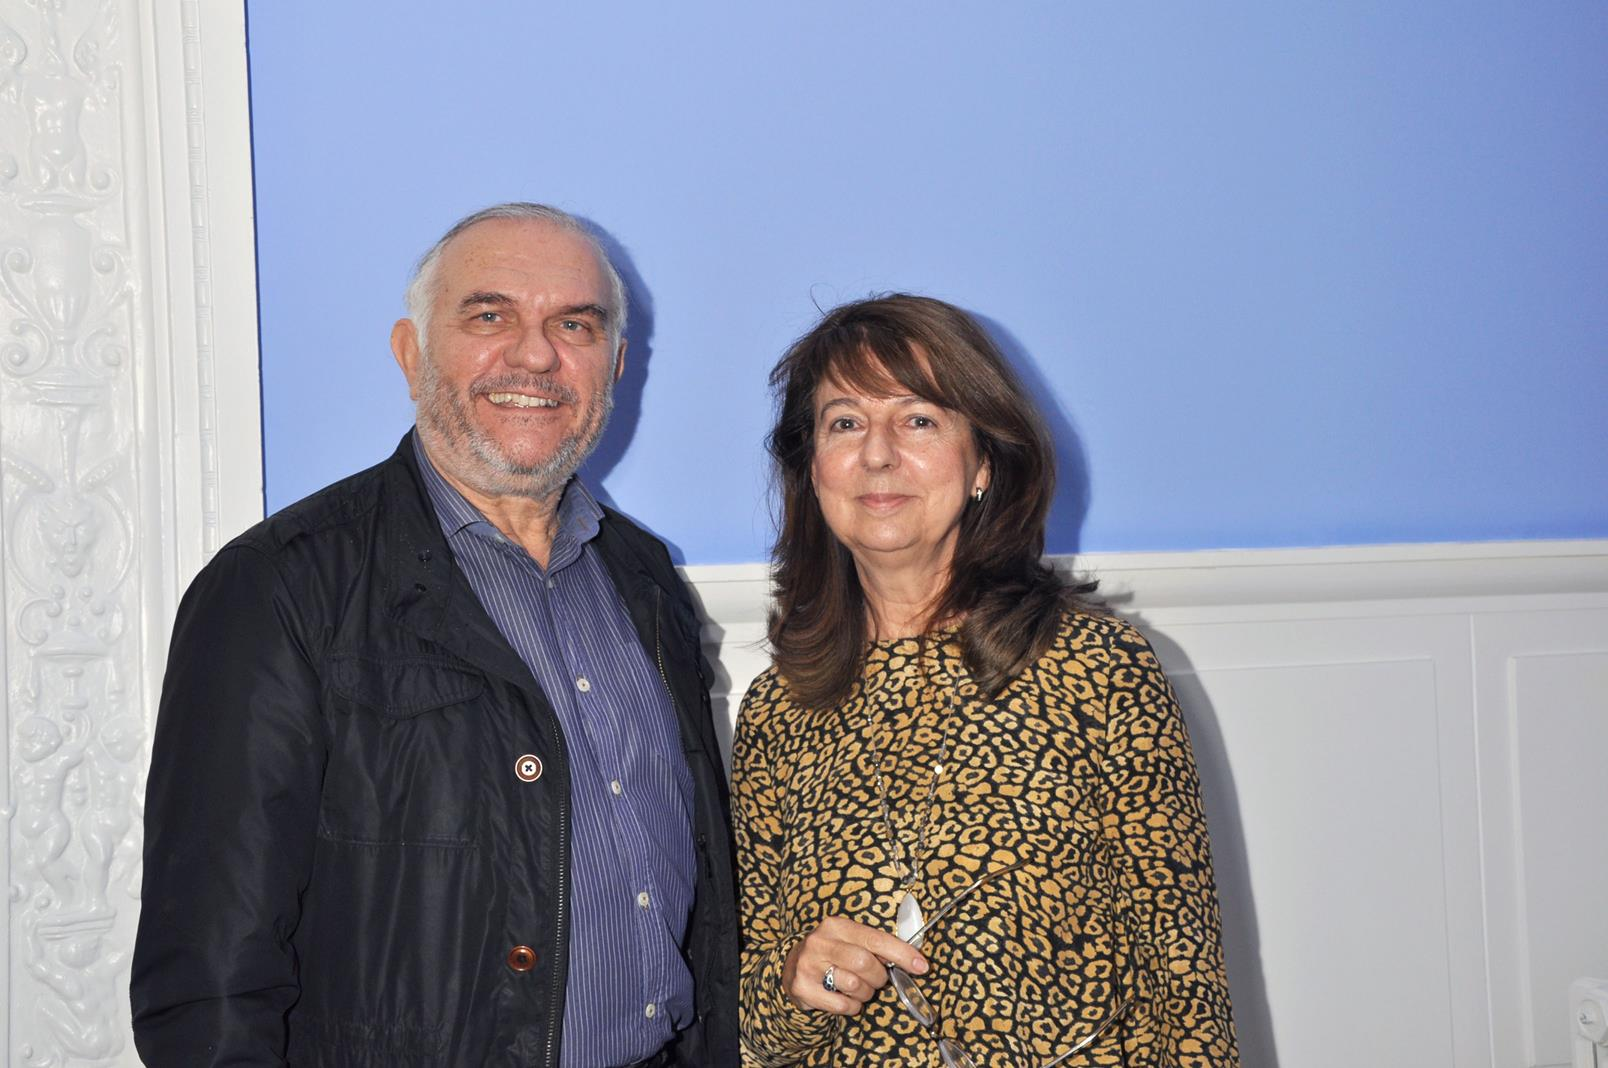 Juan Antonio Fernández Rivero y Mª Teresa García Ballesteros. Fotohistoriadores y coleccionistas. Ponencia de clausura. 25/10/19